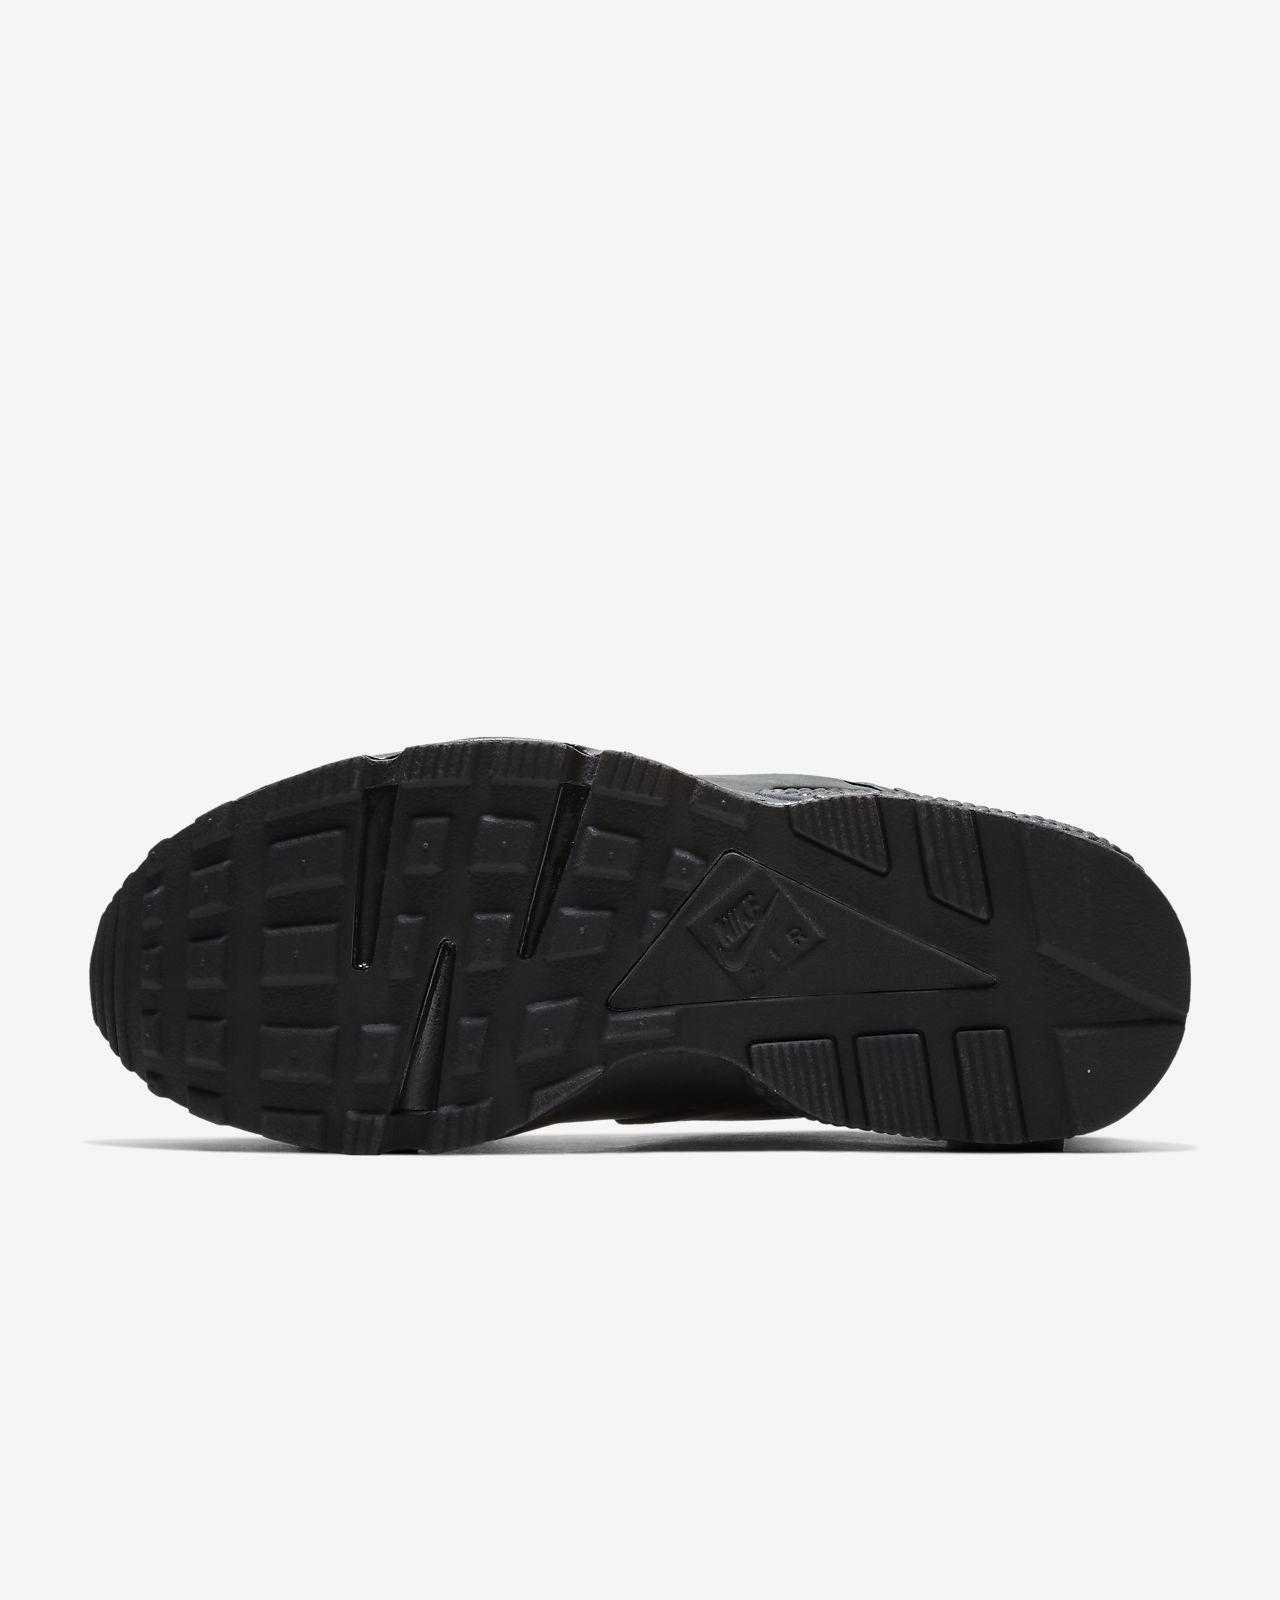 Der Niedrigste Preis. Neuheit Nike Air Huarache Run Ultra